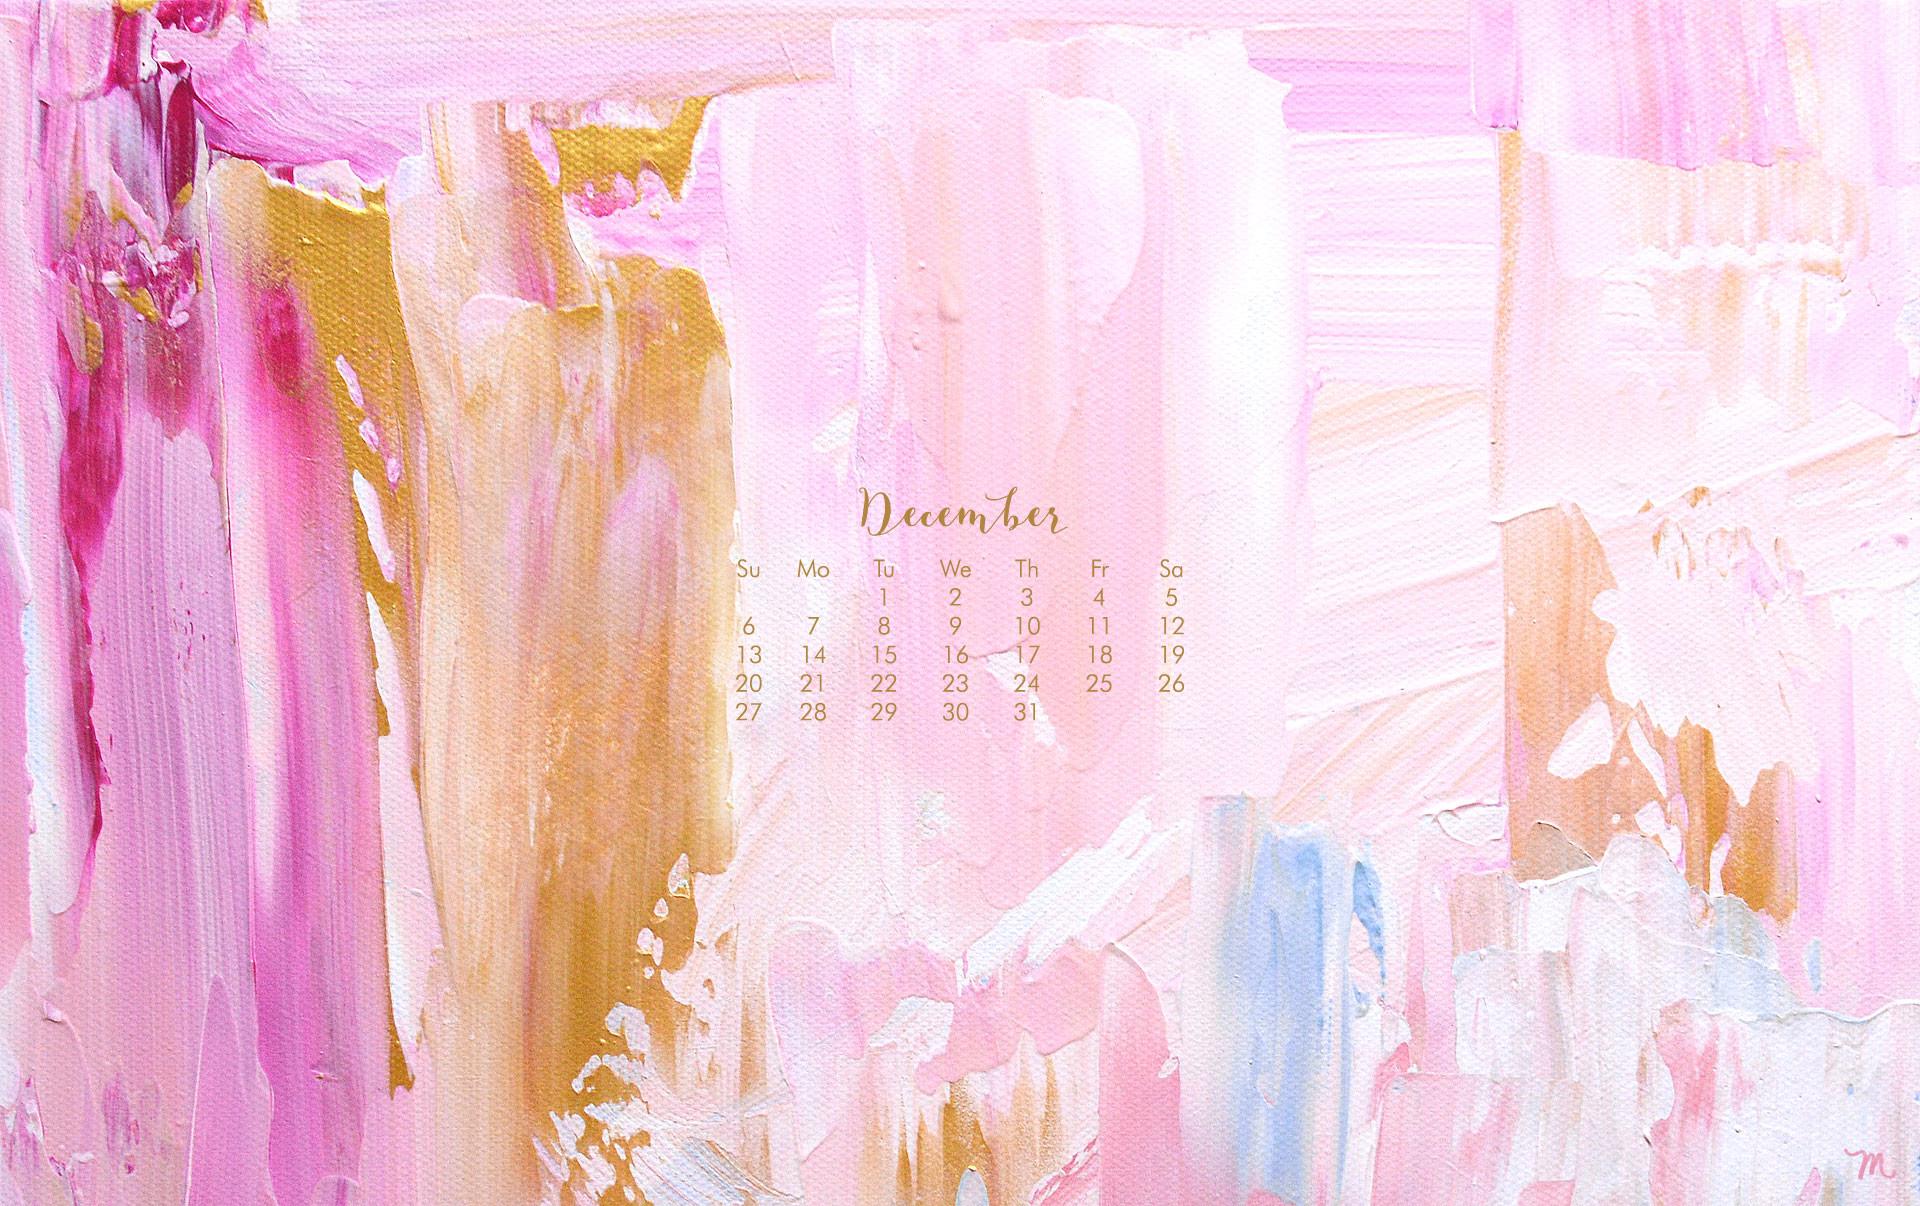 [ Download Abstract Art December Calendar 1920 x 1080 Wallpaper ]